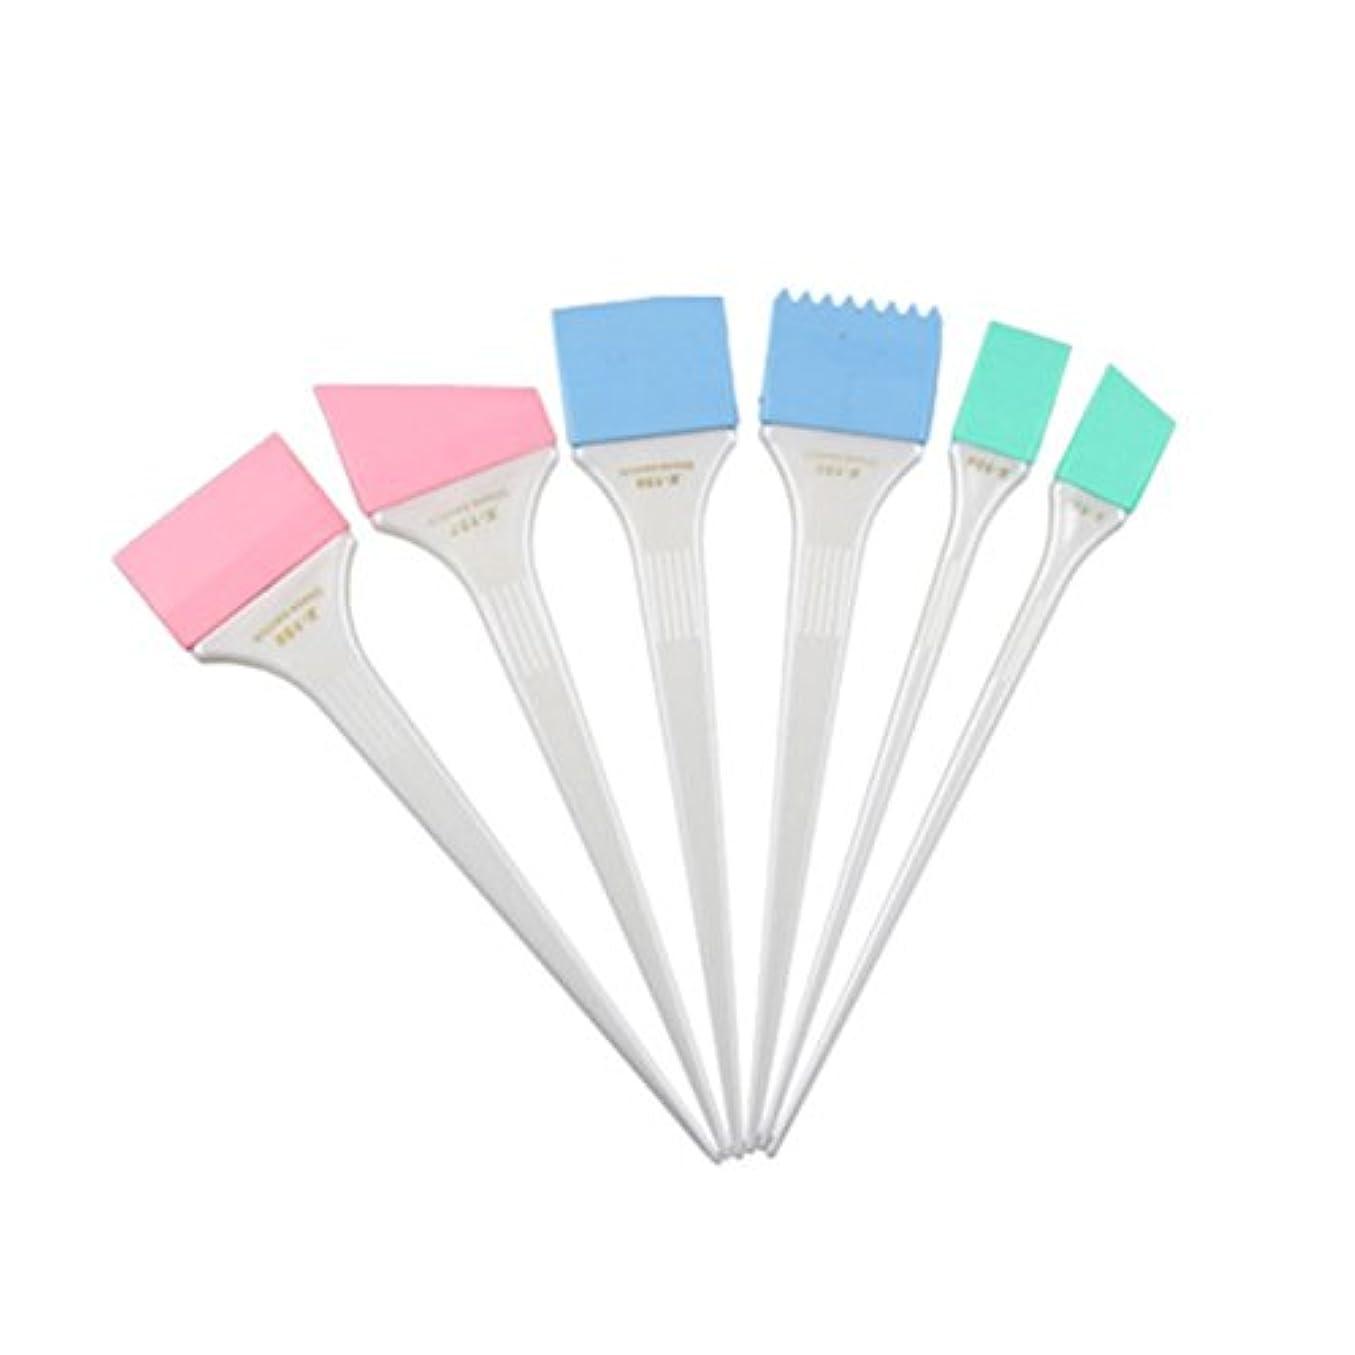 シンク激しい合体WINOMO ハイライトコーム ヘアダイブラシ 染色コーム ヘアカラーブラシツール サロン 染色 ヘアカラー シリコーン ヘアミキシングセット 6個セット(ホワイト)